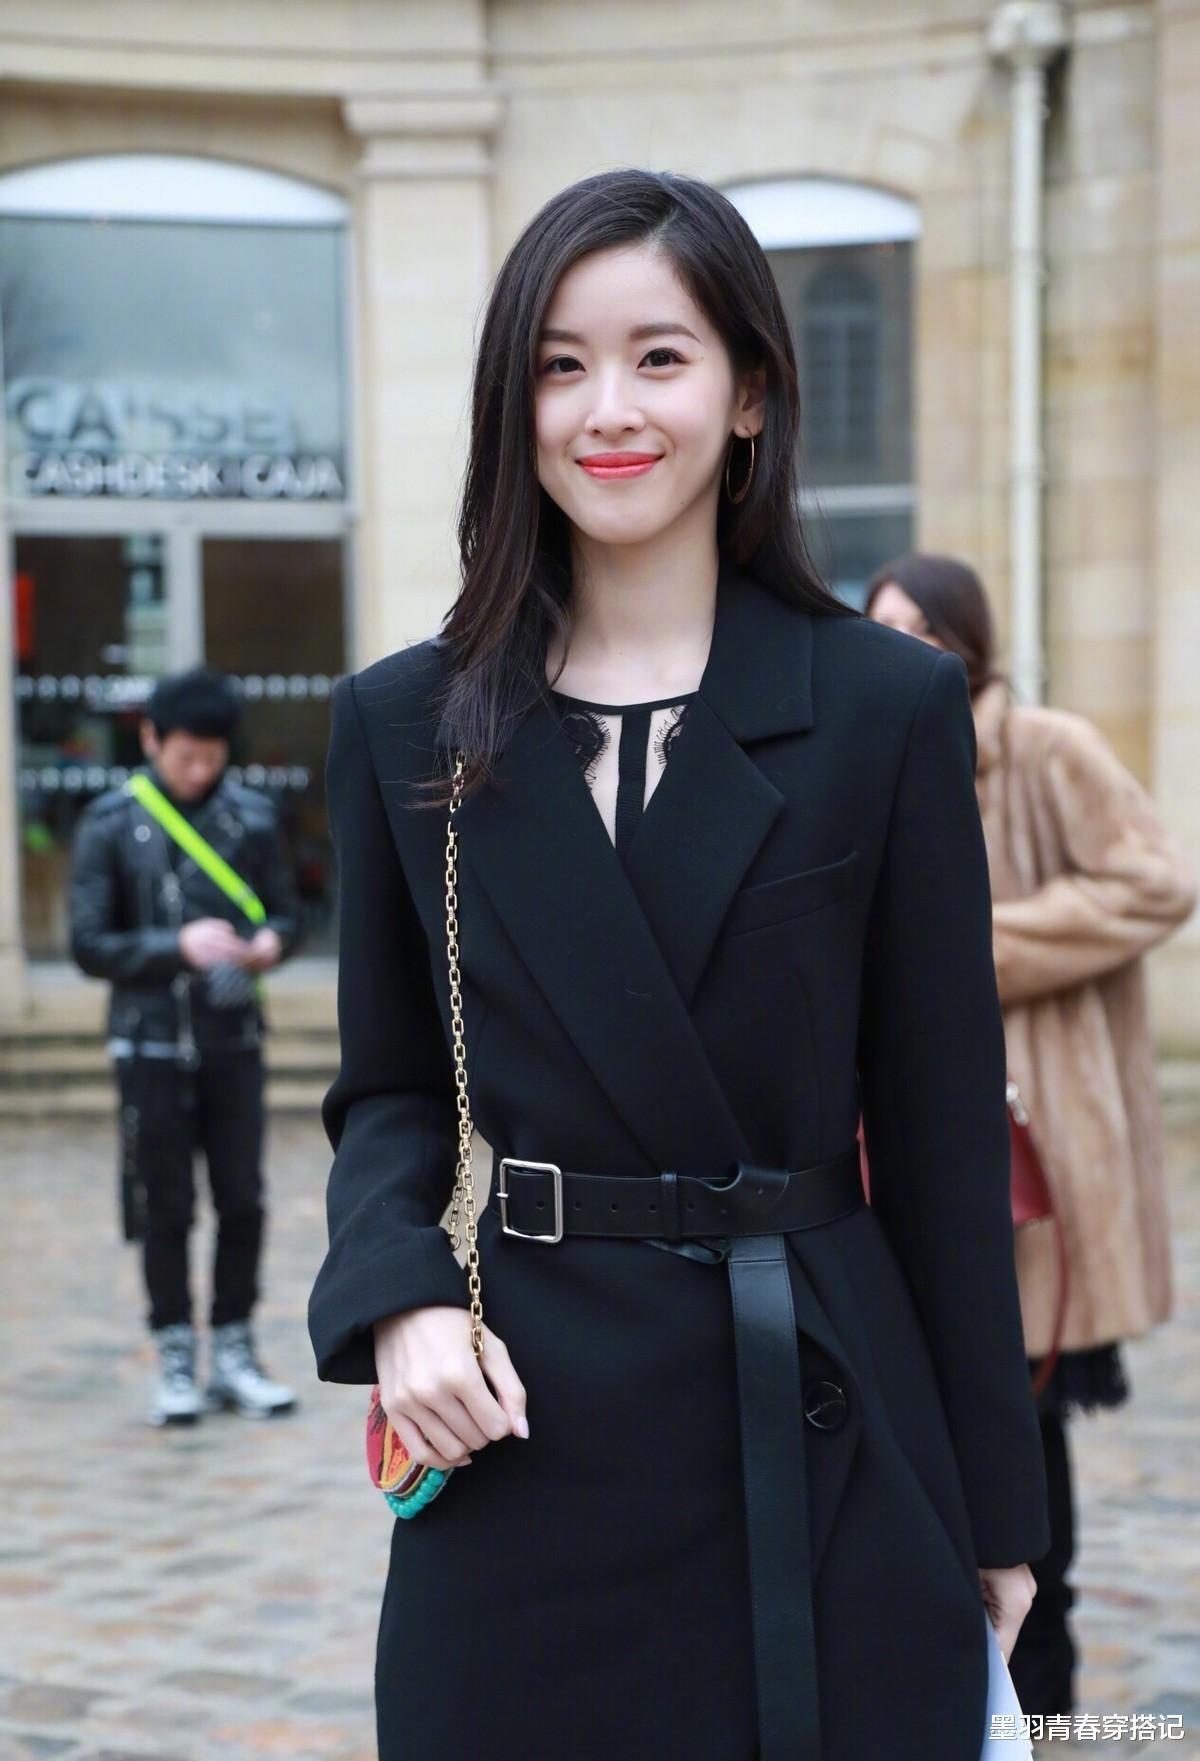 章澤天顏值太能打,黑西裝配半透打底亮相時裝周,溫婉不失霸氣